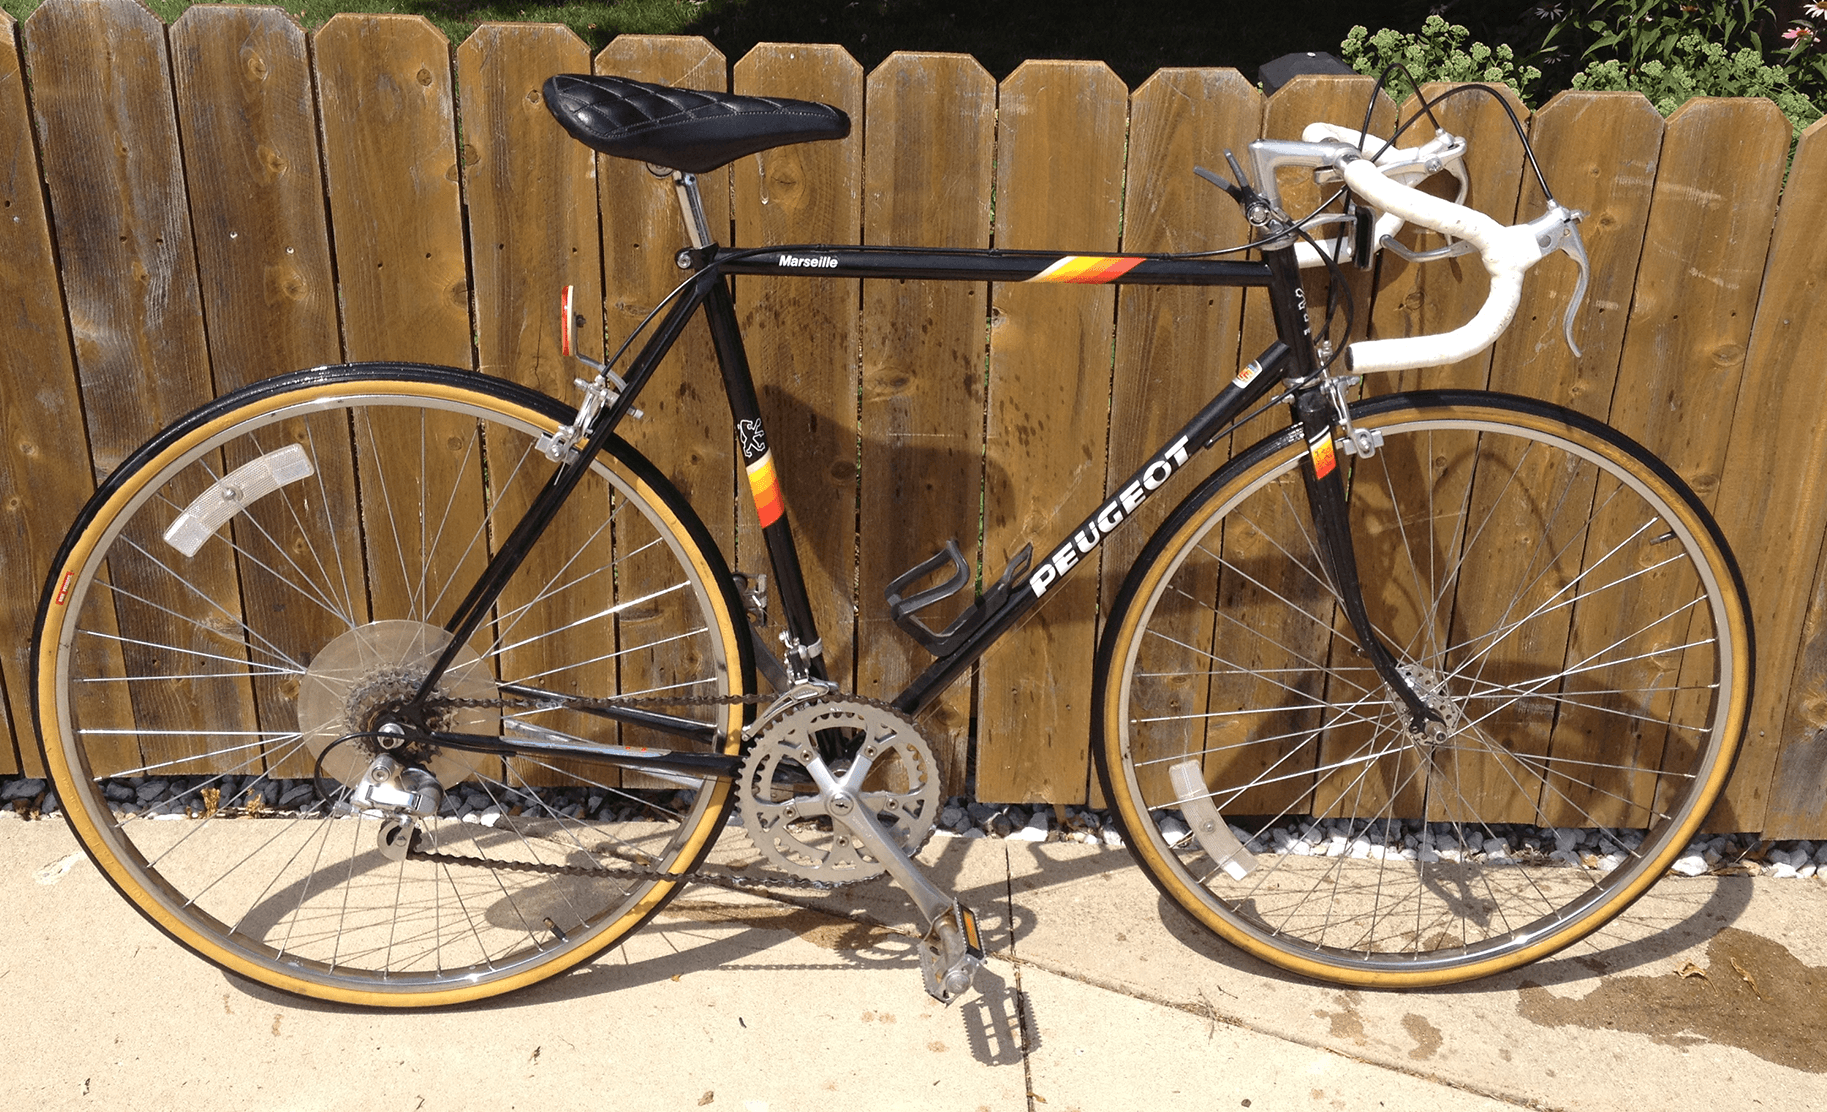 peugeot marseille chicago stolen bike registry. Black Bedroom Furniture Sets. Home Design Ideas